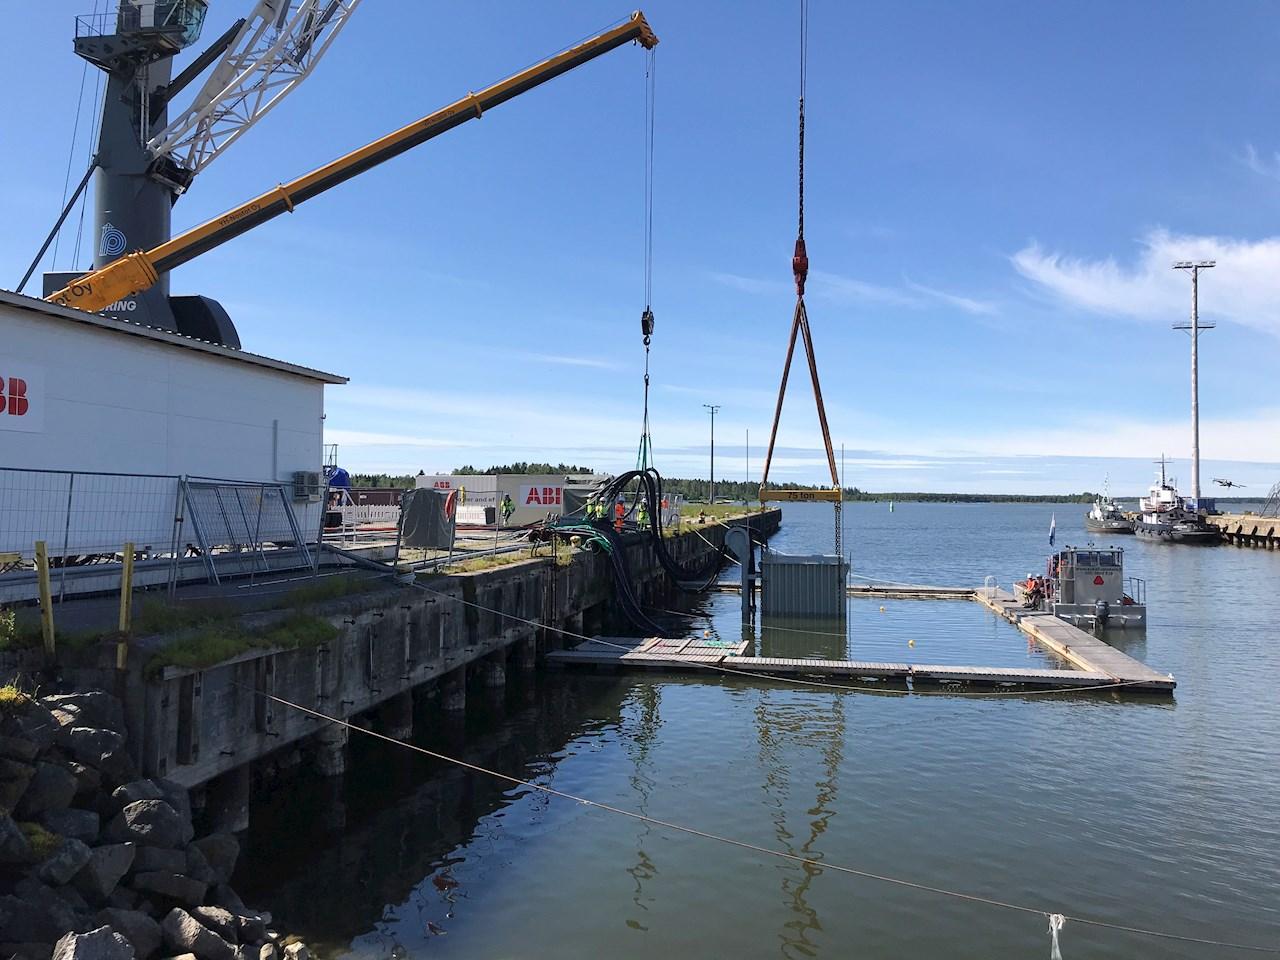 ABB:n merenalaisen jakelu- ja muuntajajärjestelmän testaus toteutettiin Vaasassa.